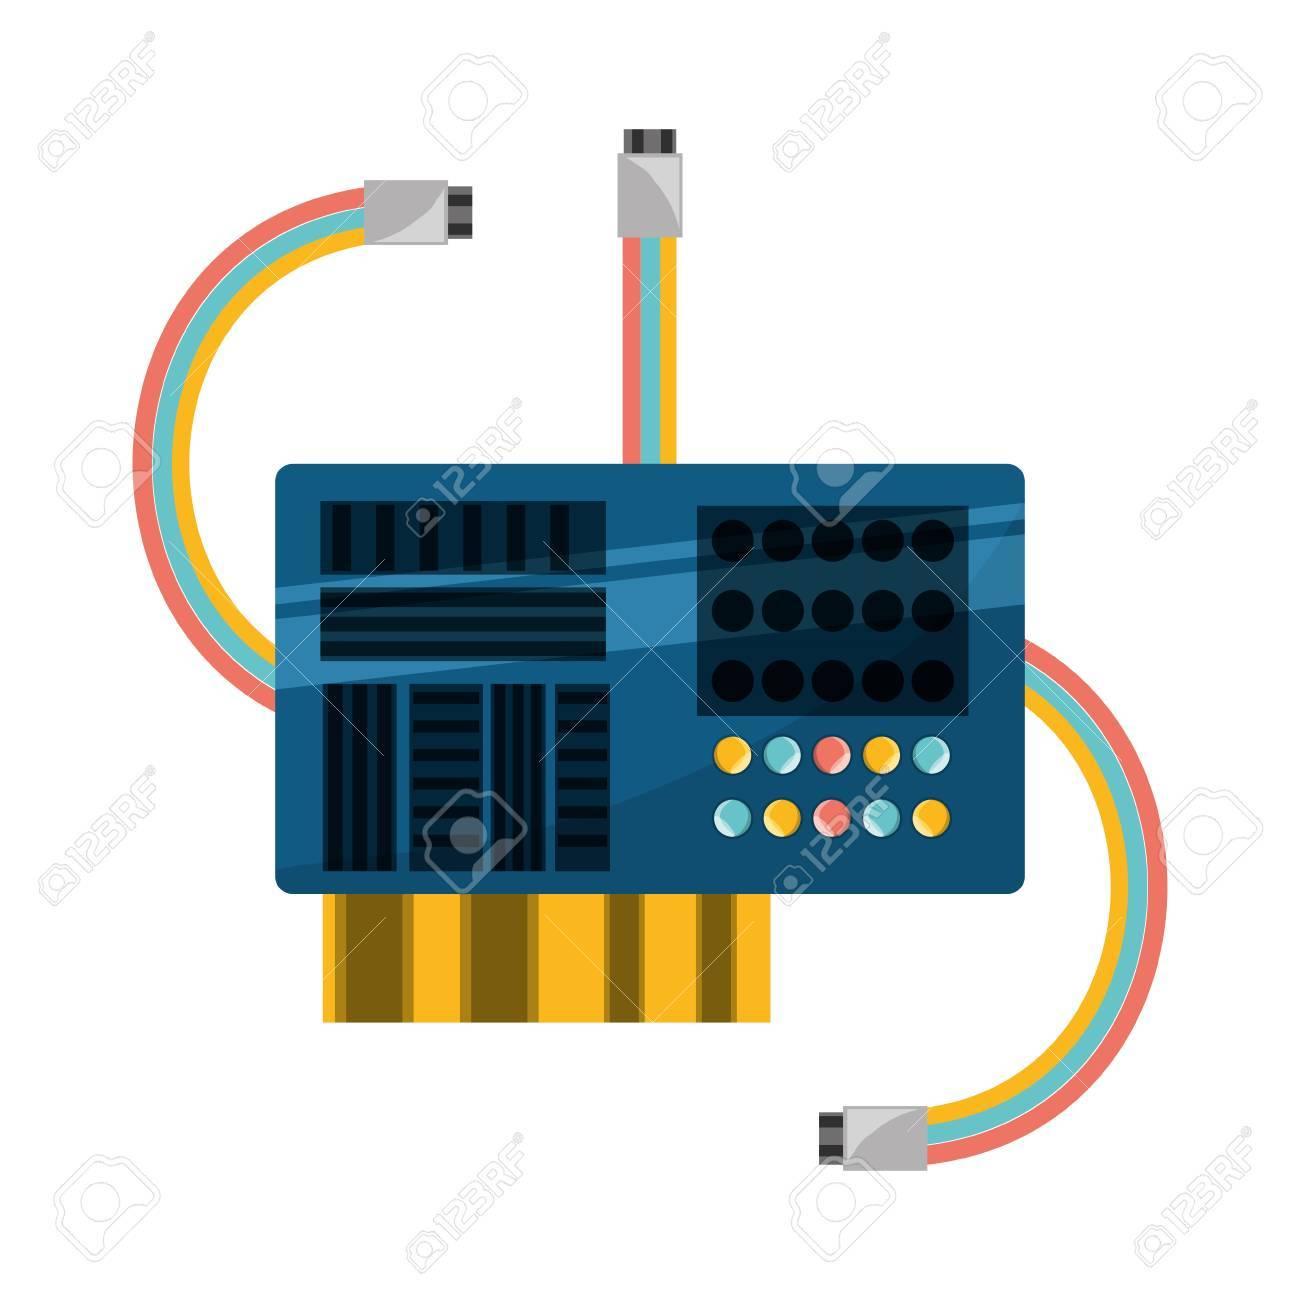 Circuito Integrado : Microchip icono de circuito integrado de ilustración vectorial